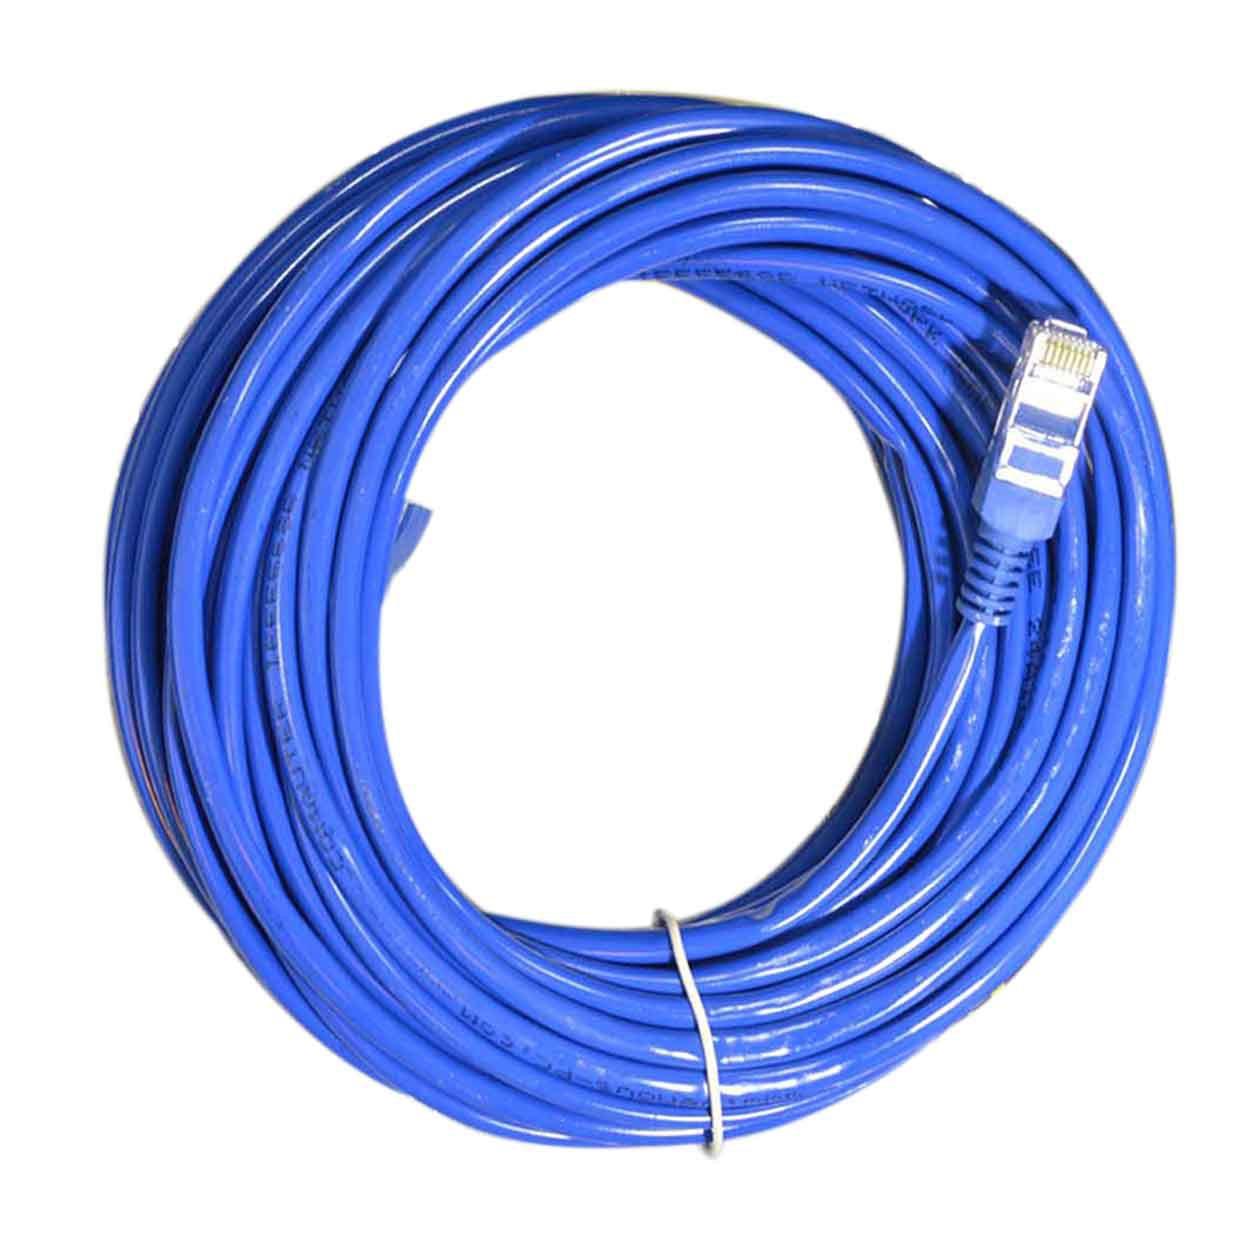 کابل شبکه CAT5e ونوس مدل PV-K934 طول 5 متر